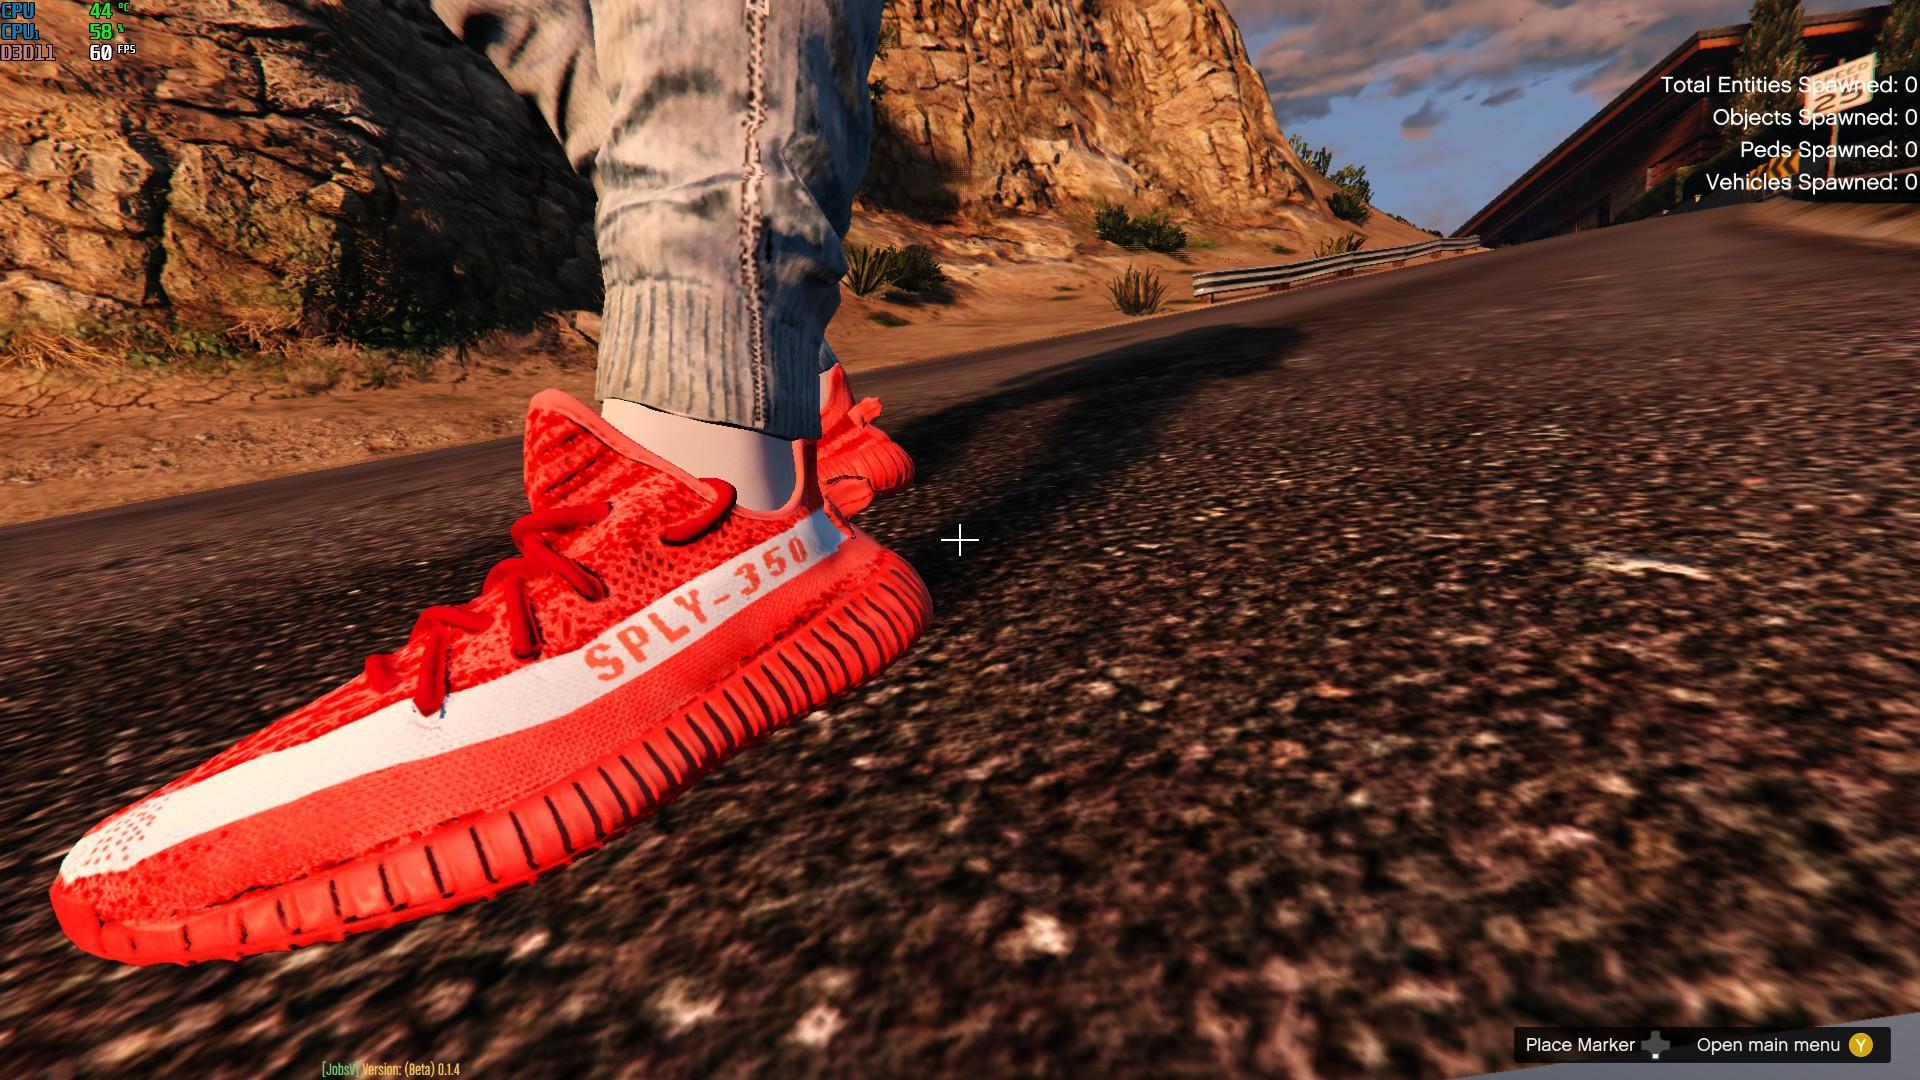 Adidas Yeezy Boost 350 V2 Teach Red